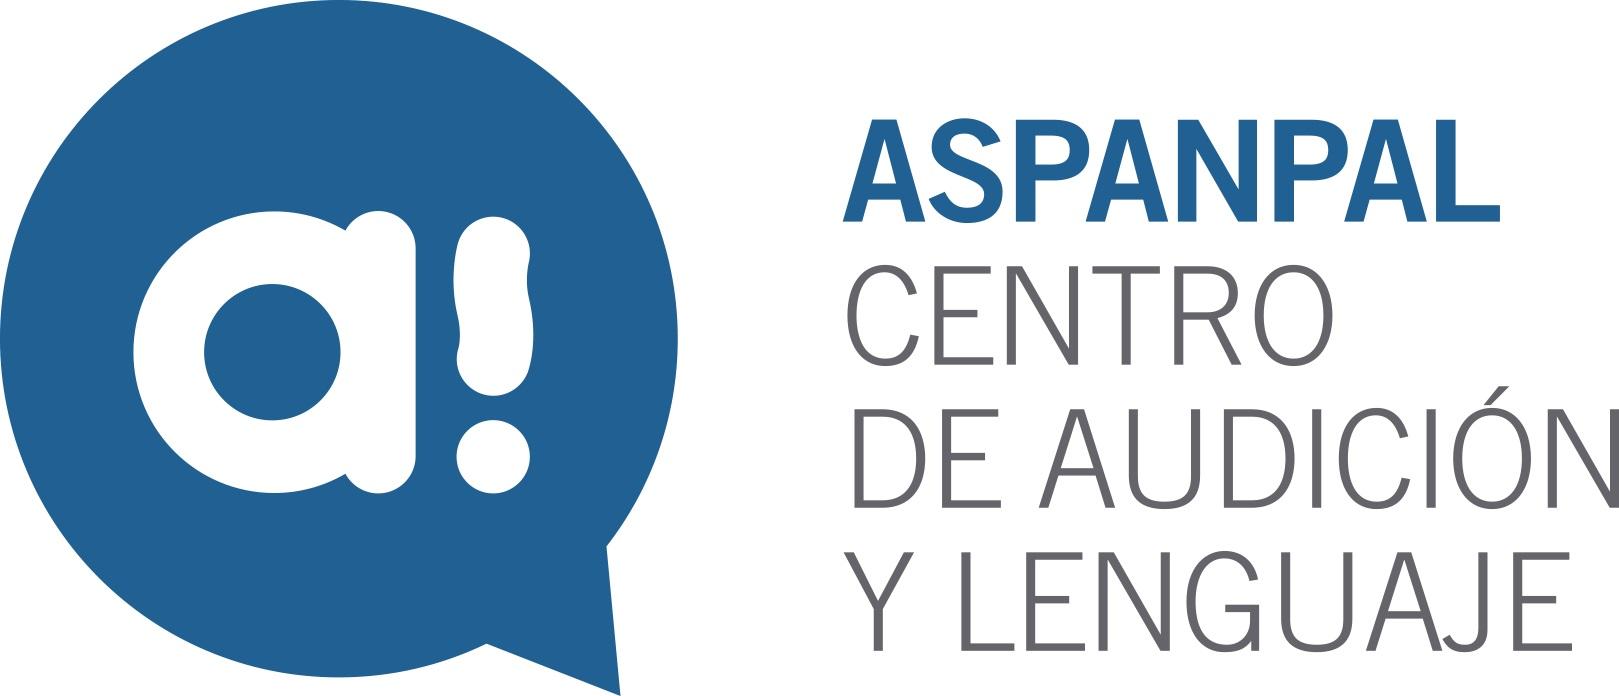 Logo aspanpal